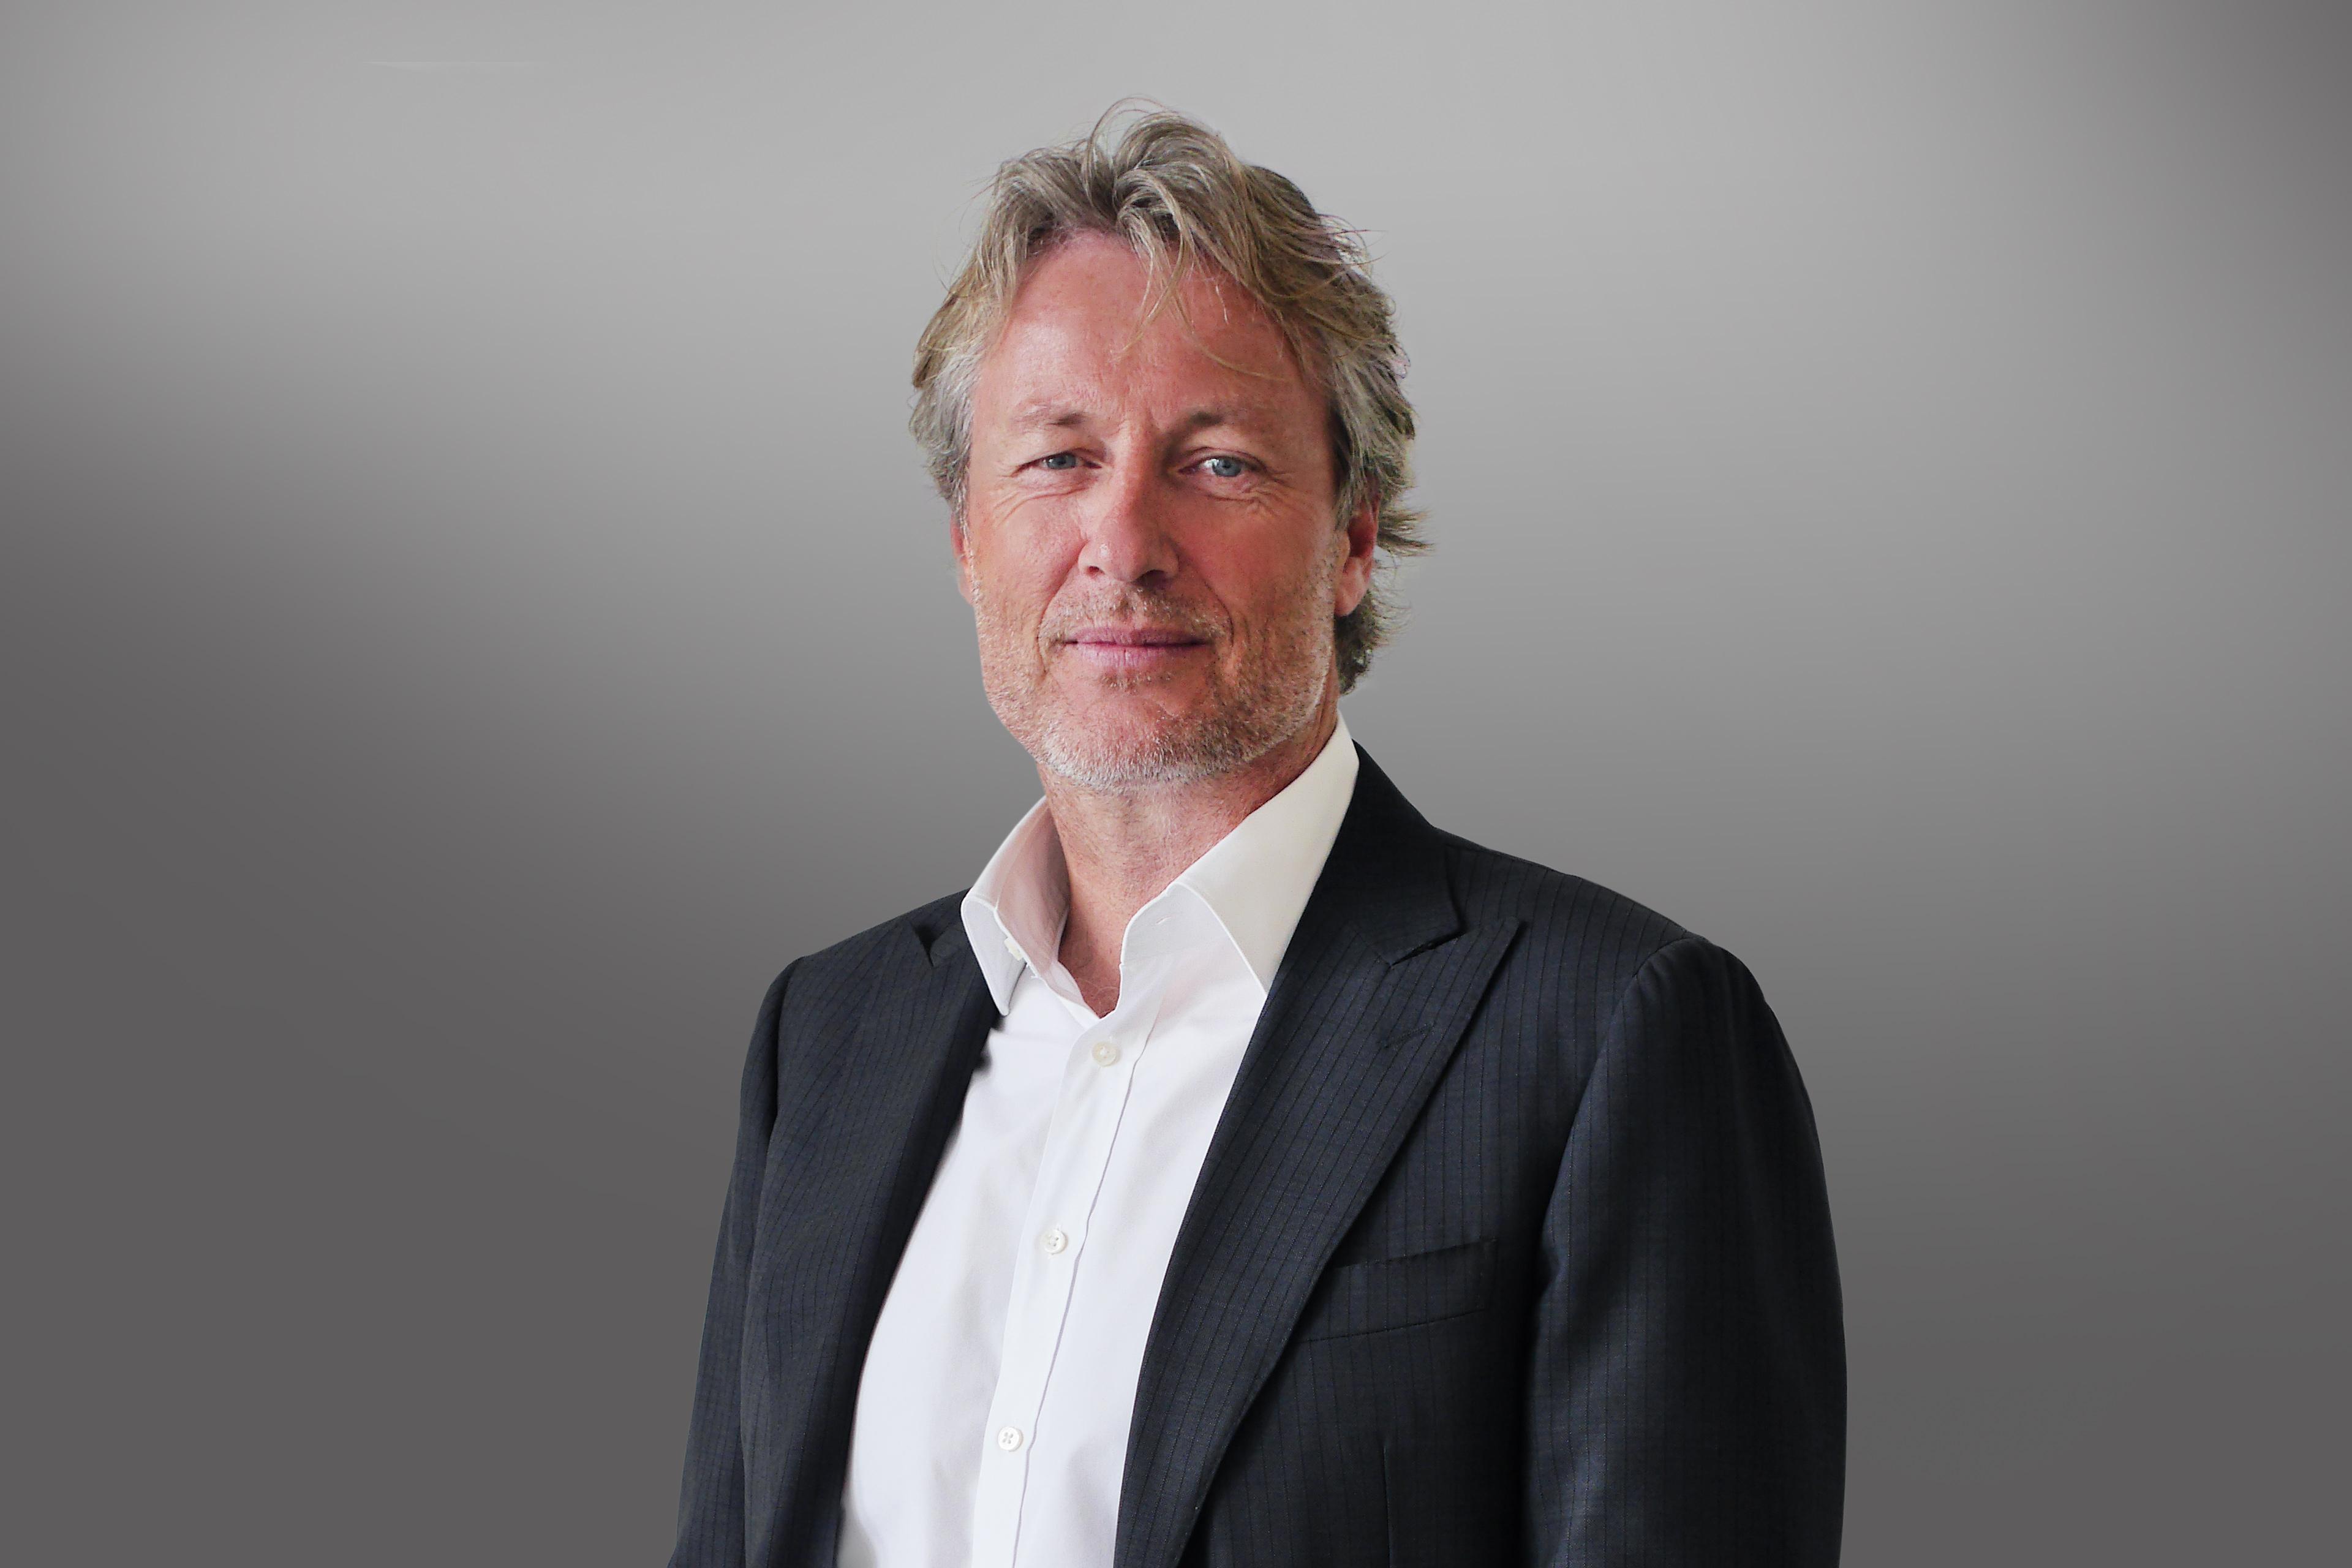 Willem Verloop